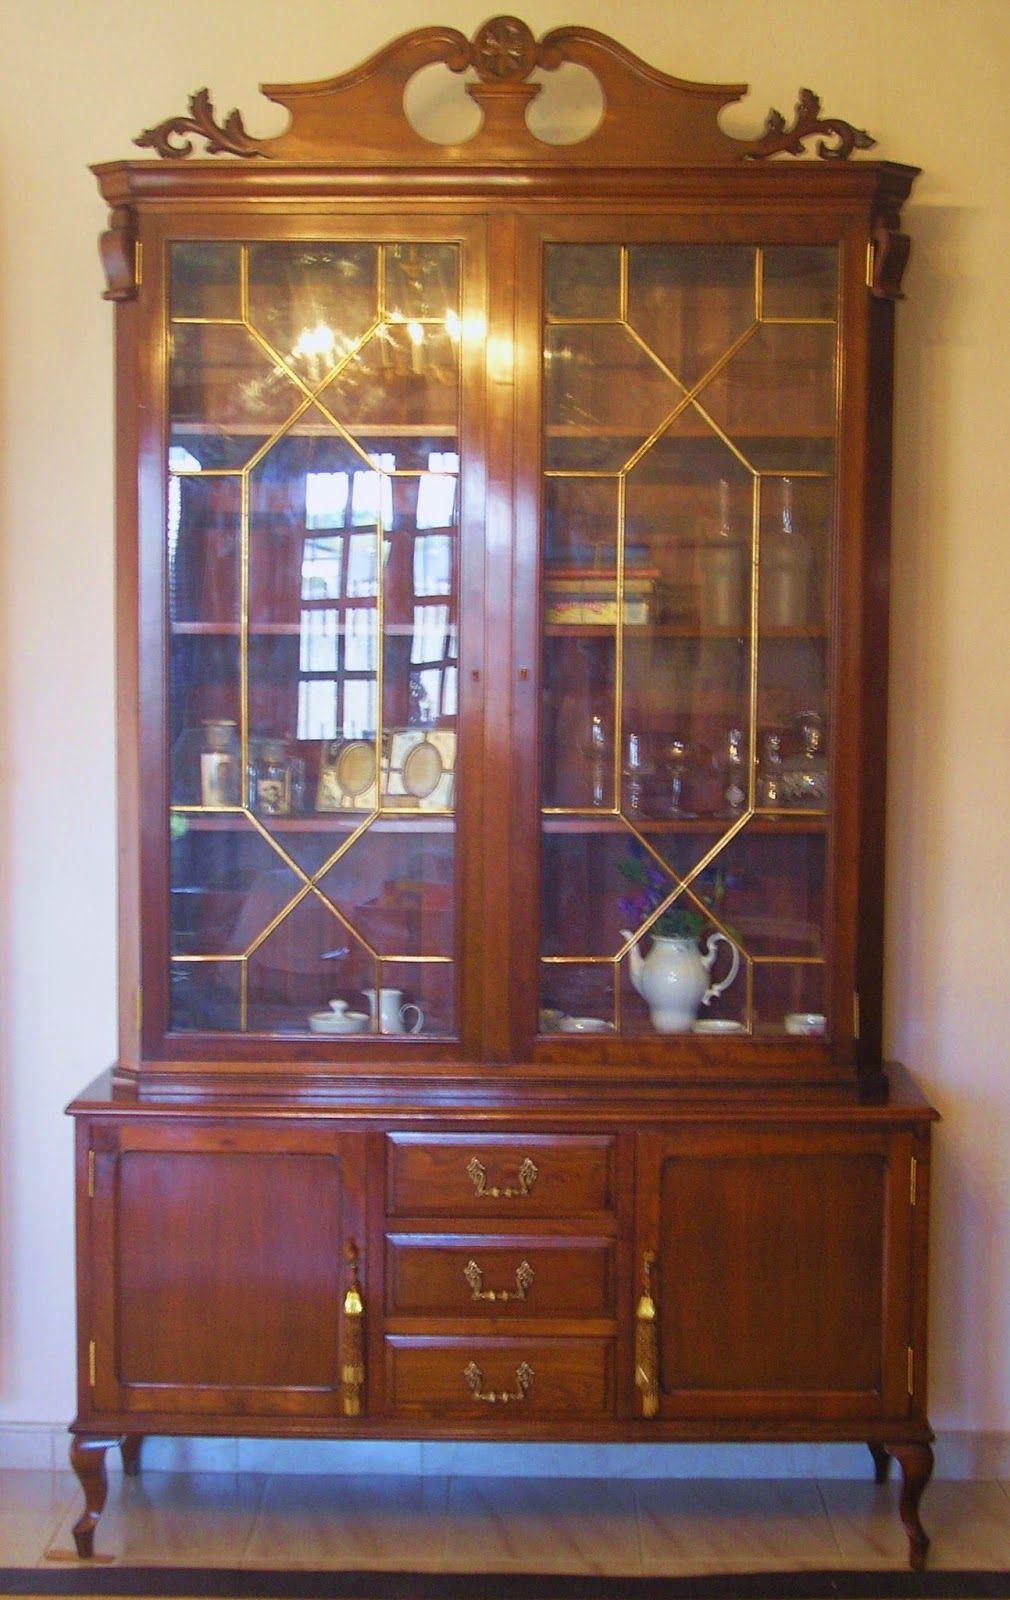 El desvan de mamen seguimos con vitrinas antiguas trabajos vitrina antigua vitrinas y - Muebles el desvan ...